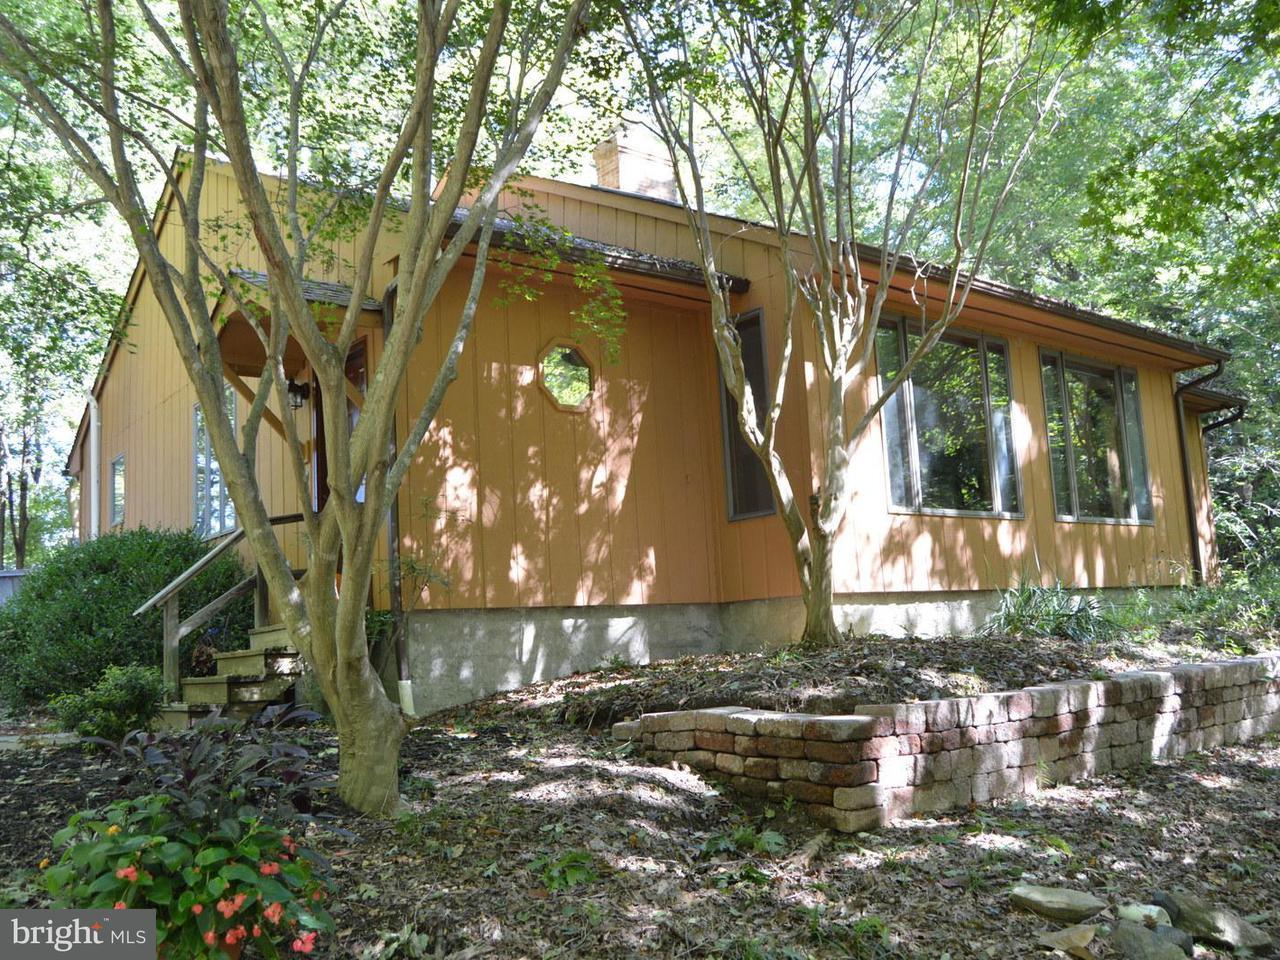 Частный односемейный дом для того Продажа на 5320 COVE VIEW Drive 5320 COVE VIEW Drive St. Leonard, Мэриленд 20685 Соединенные Штаты